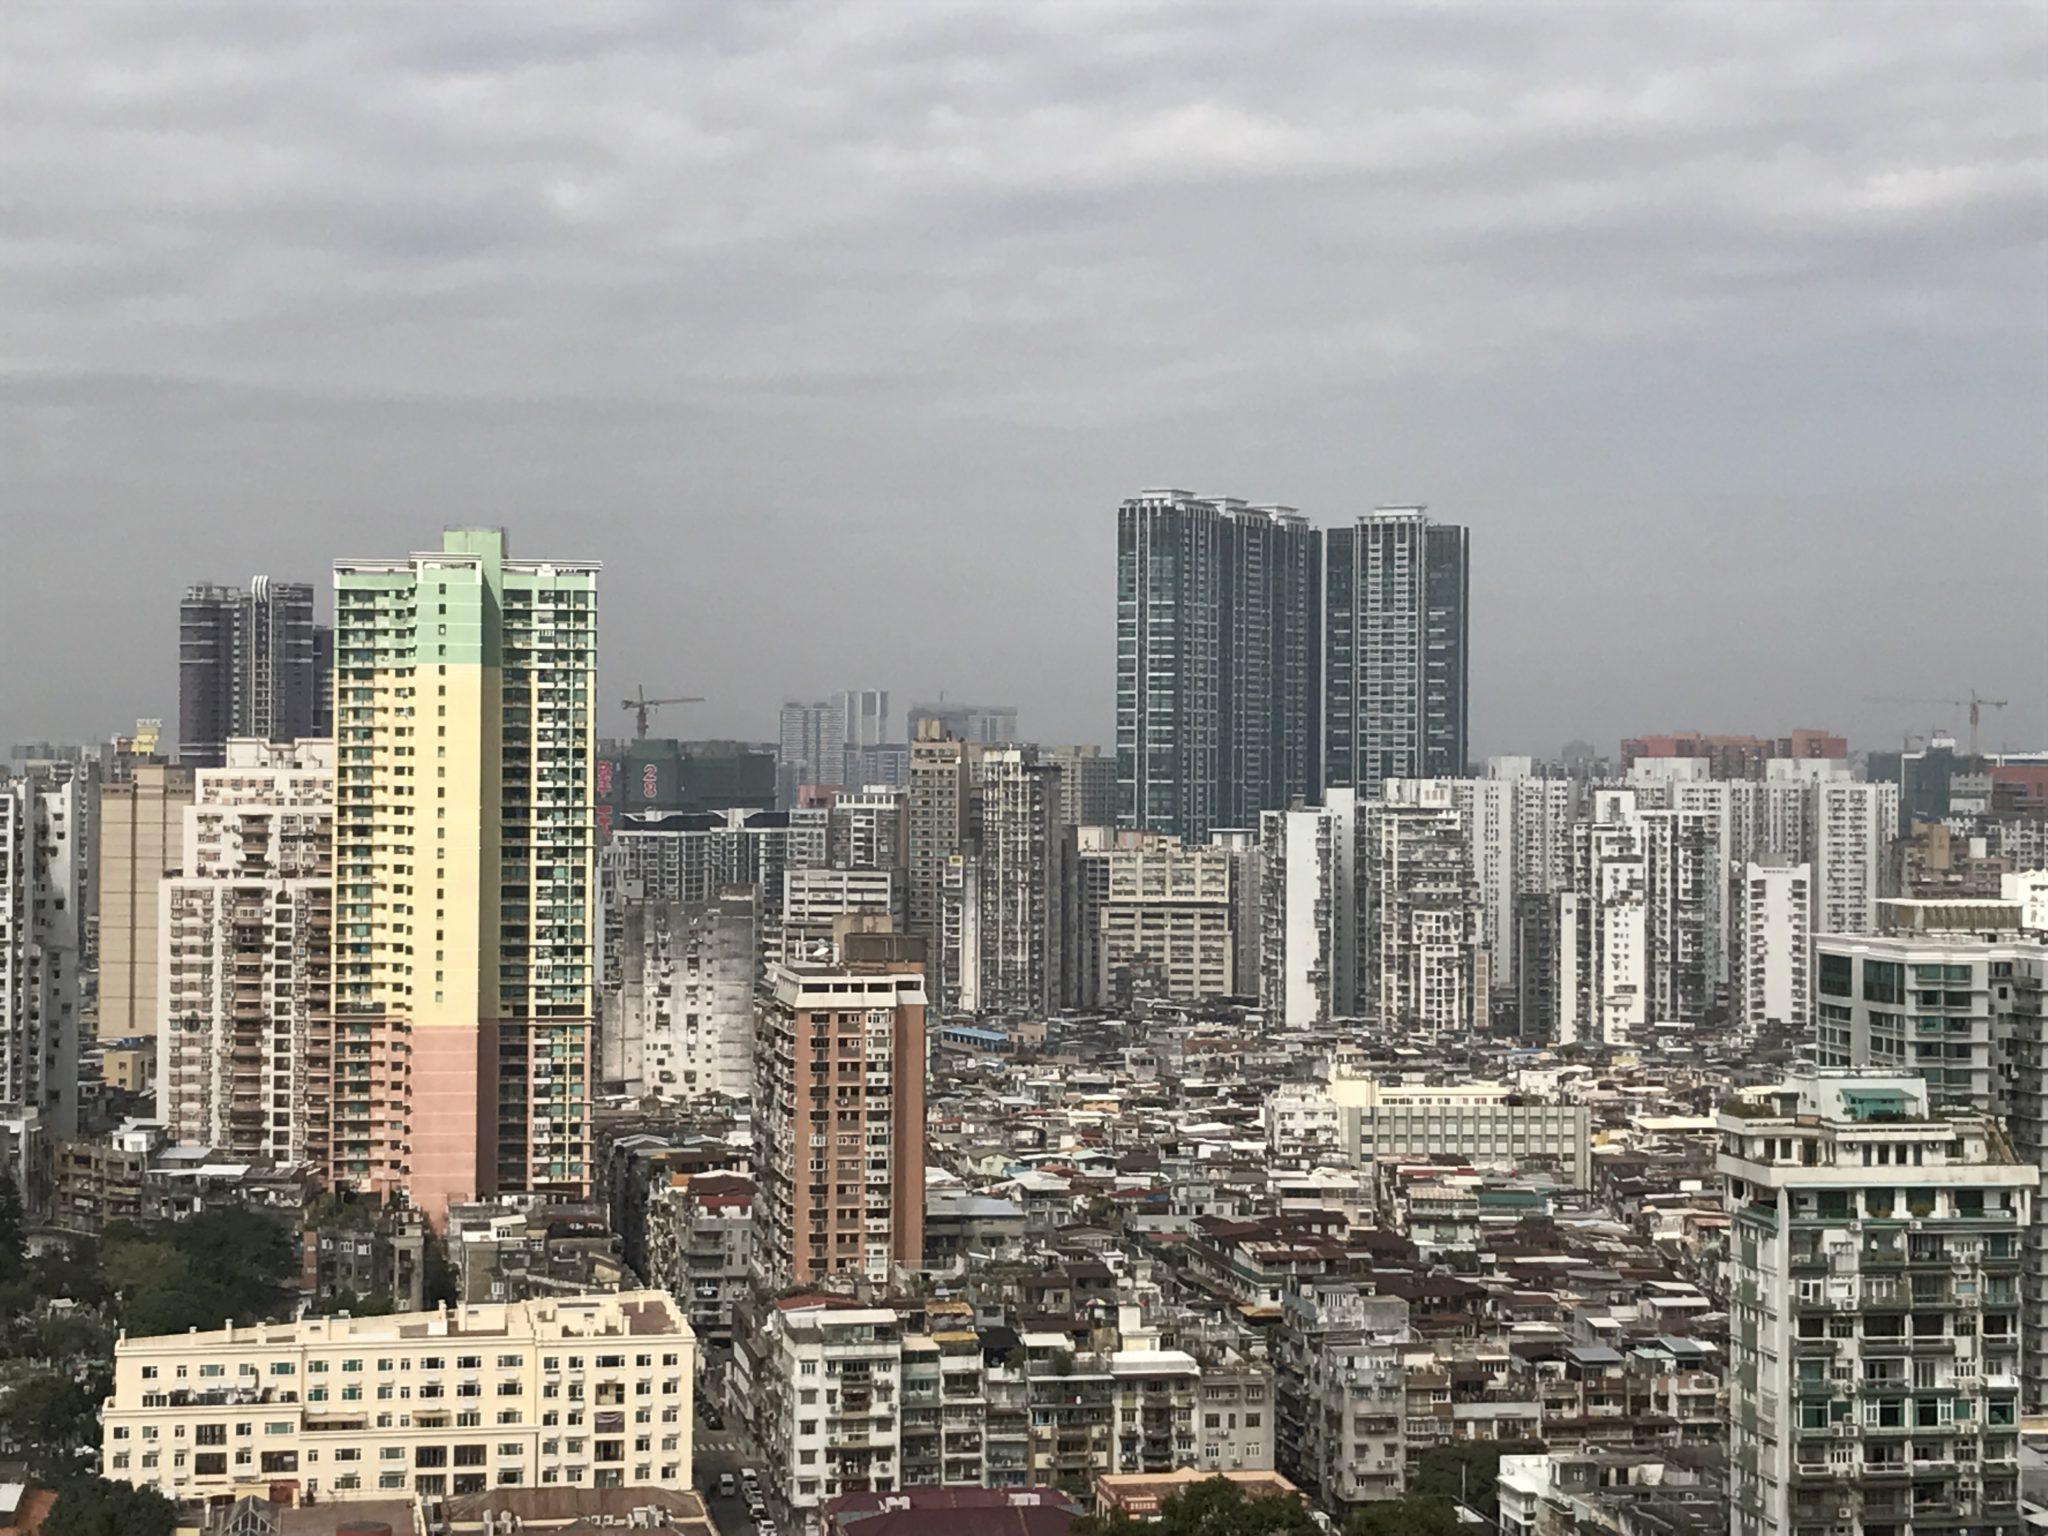 Hipóteses | SCMP publica texto sobre possíveis ataques terroristas em Macau